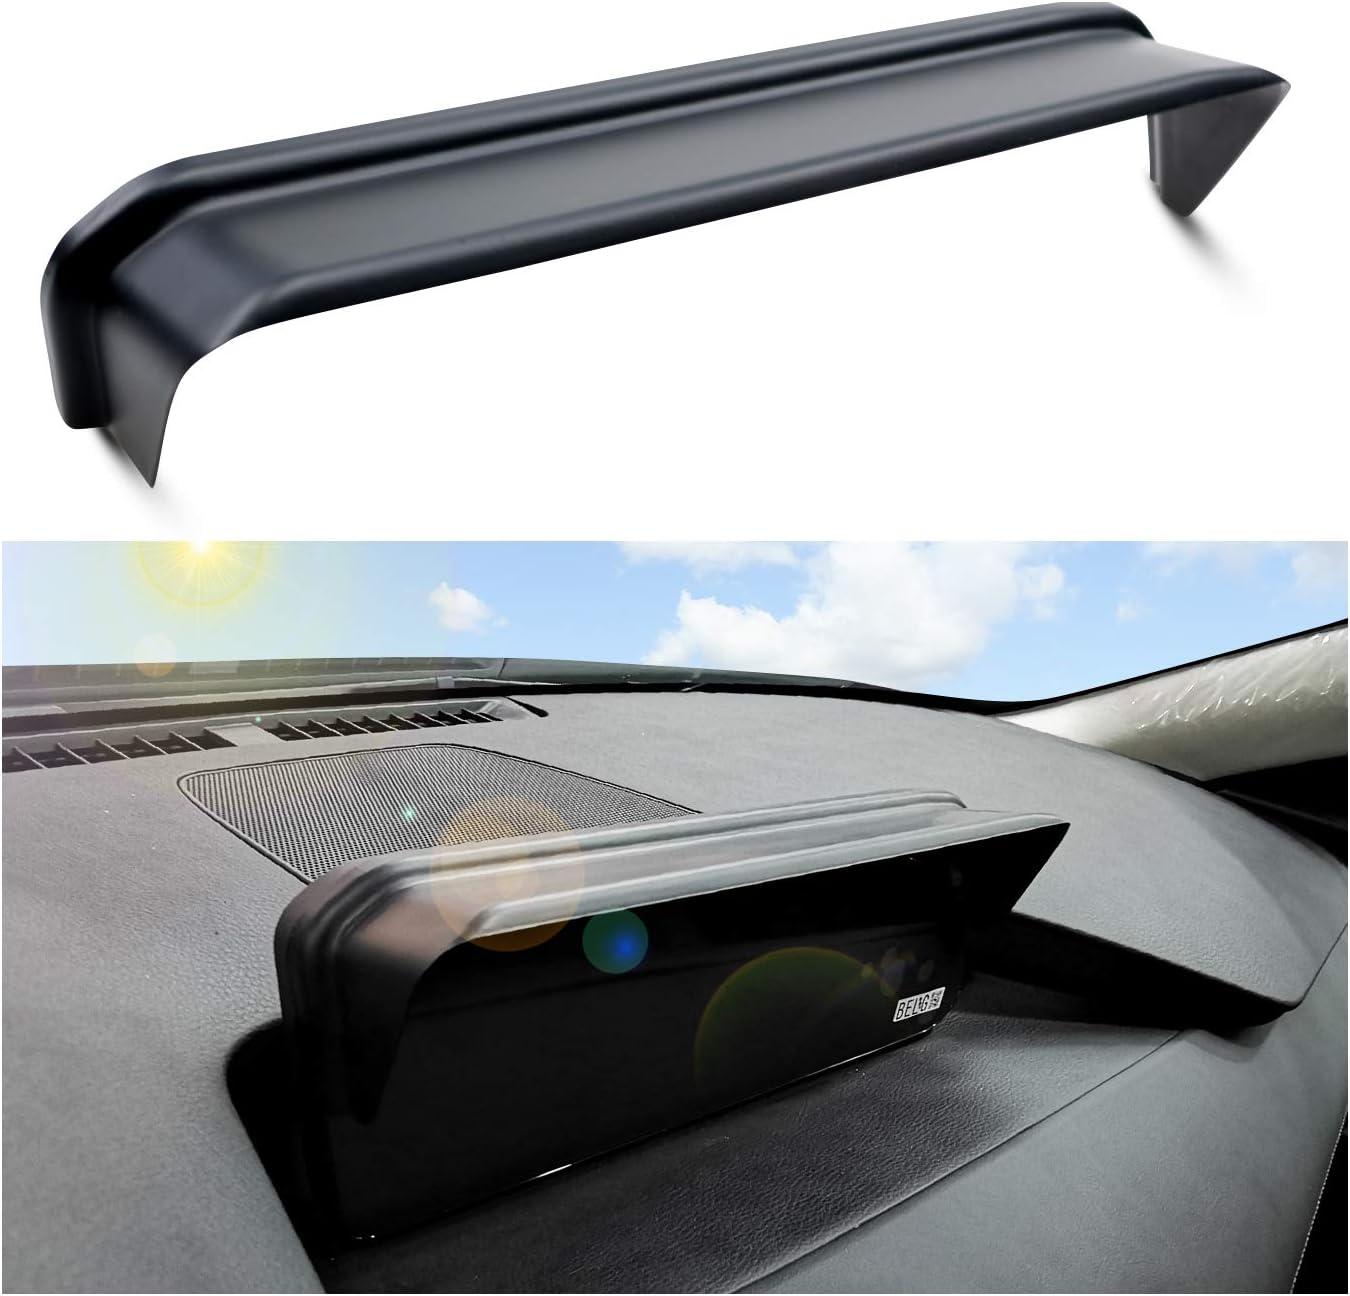 YEE PIN Sun Visor Vehicle Navigation Sun Shade Visor for Venza 2021 12.3-Inch Screen GPS Navigation Sun Visor Blocking The Sun and Light